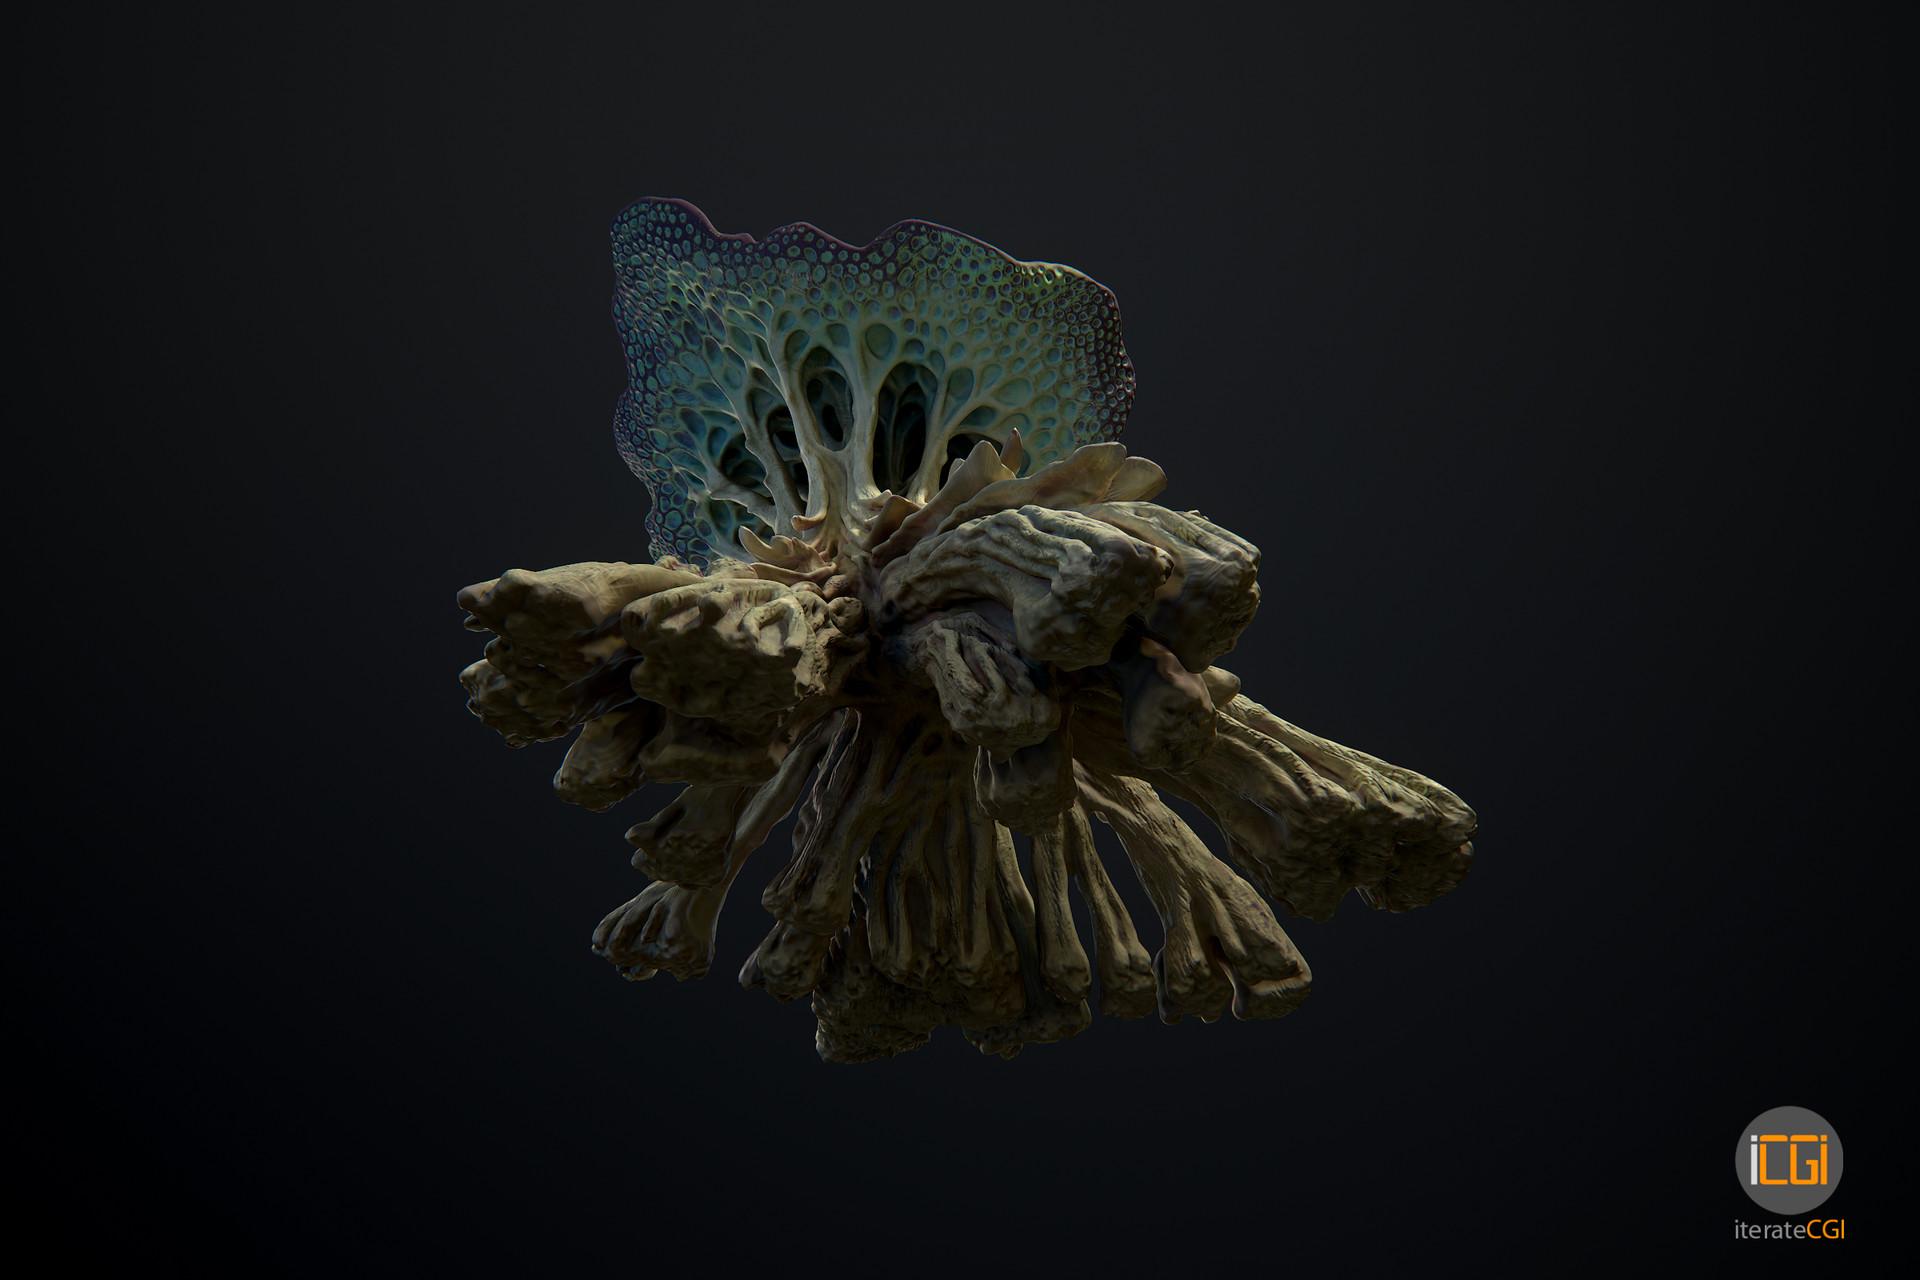 Johan de leenheer alien plant mushroom type2 27